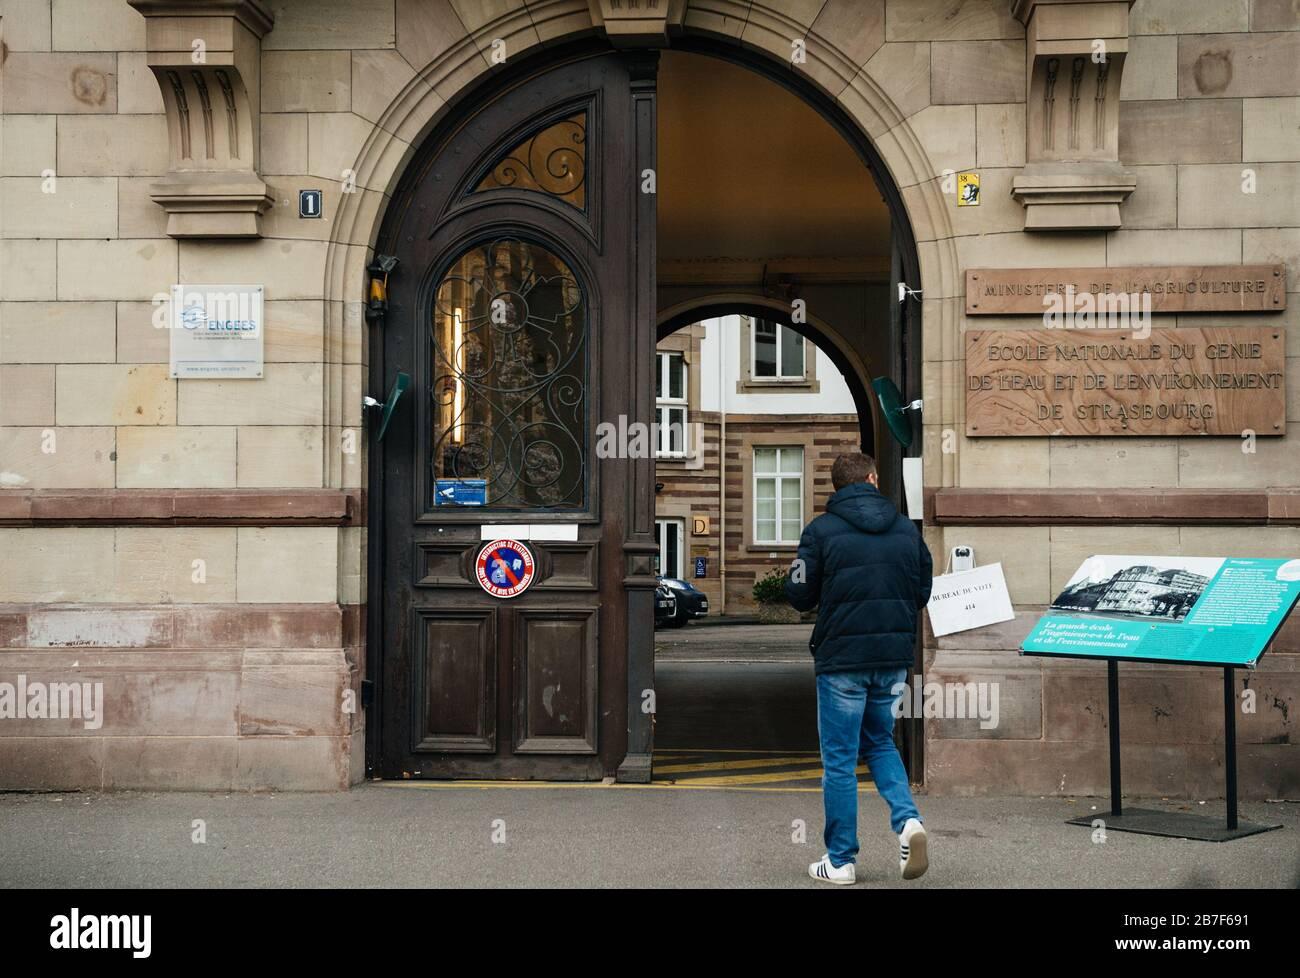 Straßburg, Frankreich - 15. März 2020: Wahllokal während der ersten Runde der Bürgermeisterwahlen in Paris, als Frankreich mit einem Ausbruch der Coronavirus-Krankheit COVID-19 grappt Stockfoto